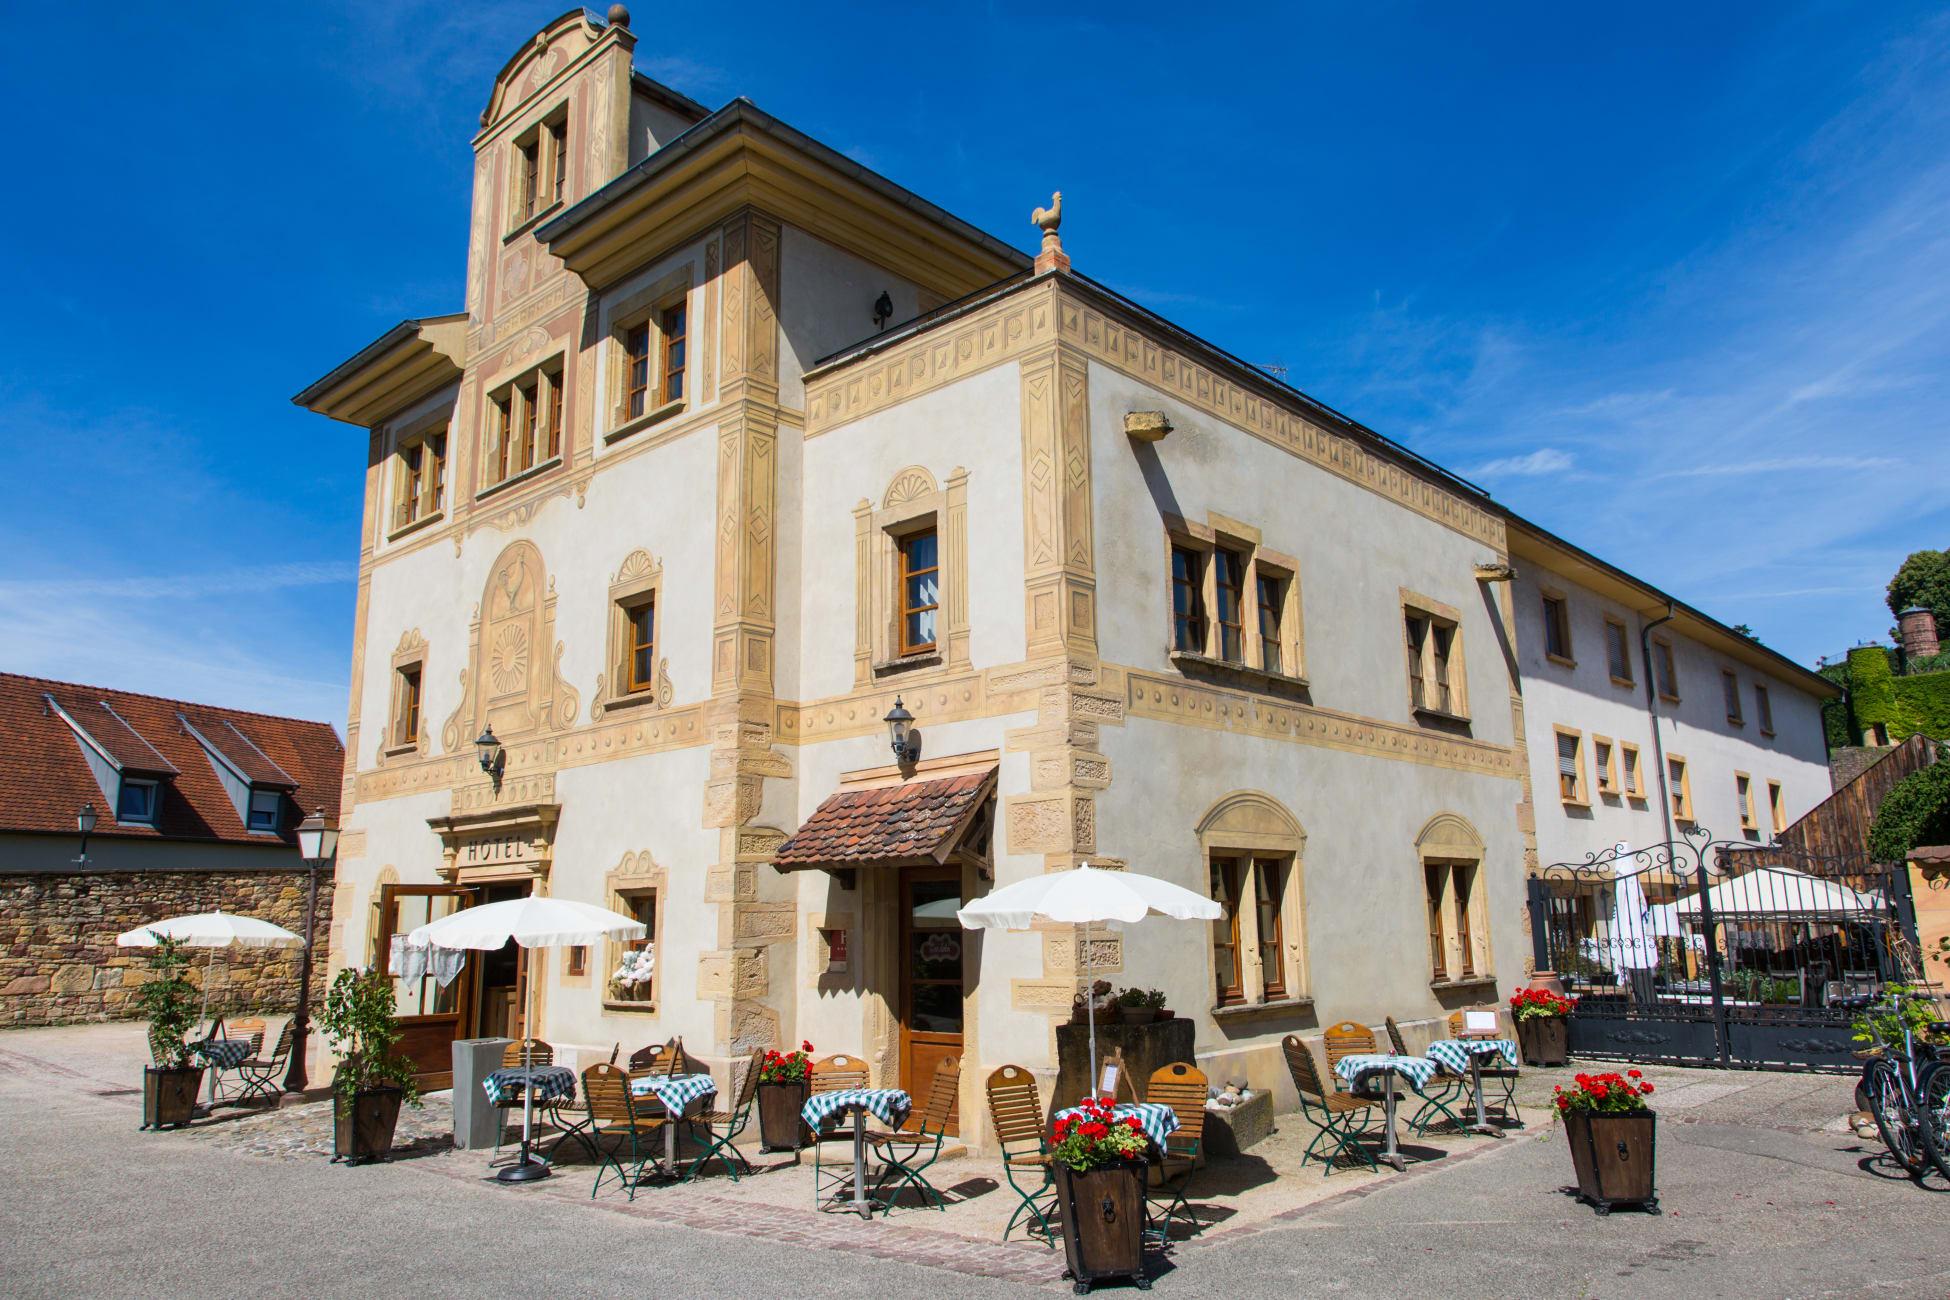 Otel Domaine De Rouffach, Rouffach - Trivago.tr intérieur Piscine Rouffach